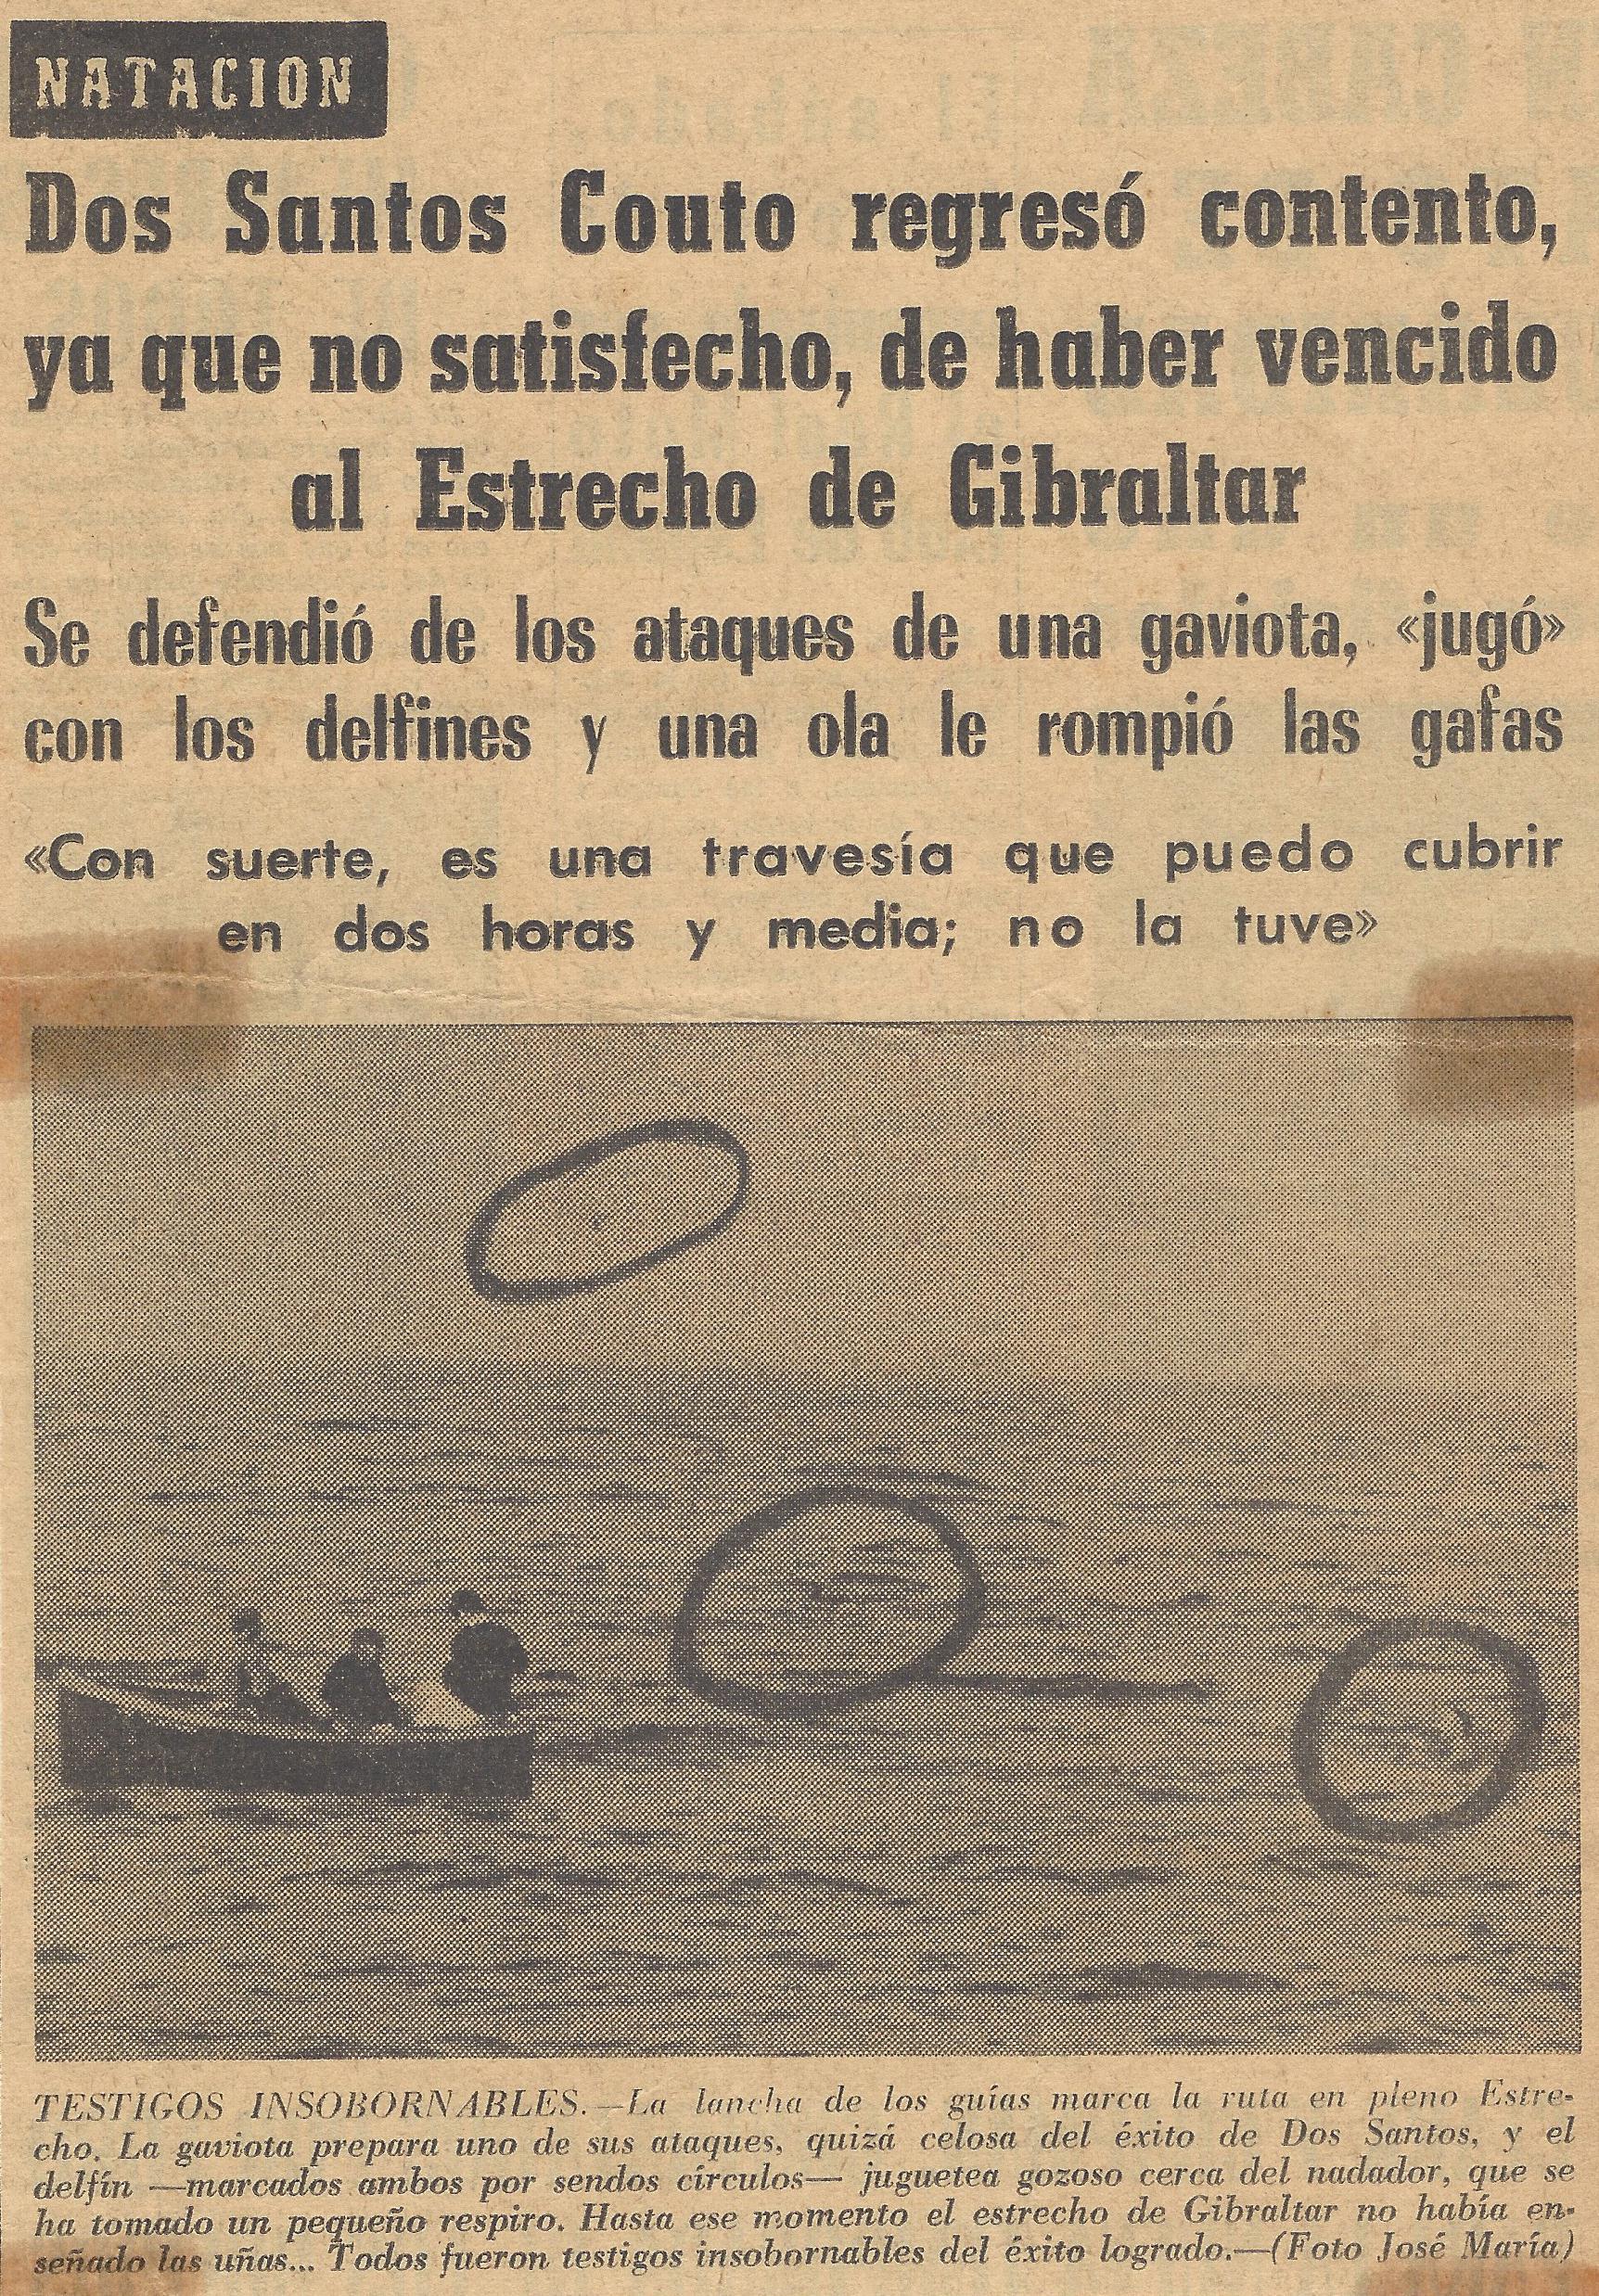 18gibraltar1965.jpg